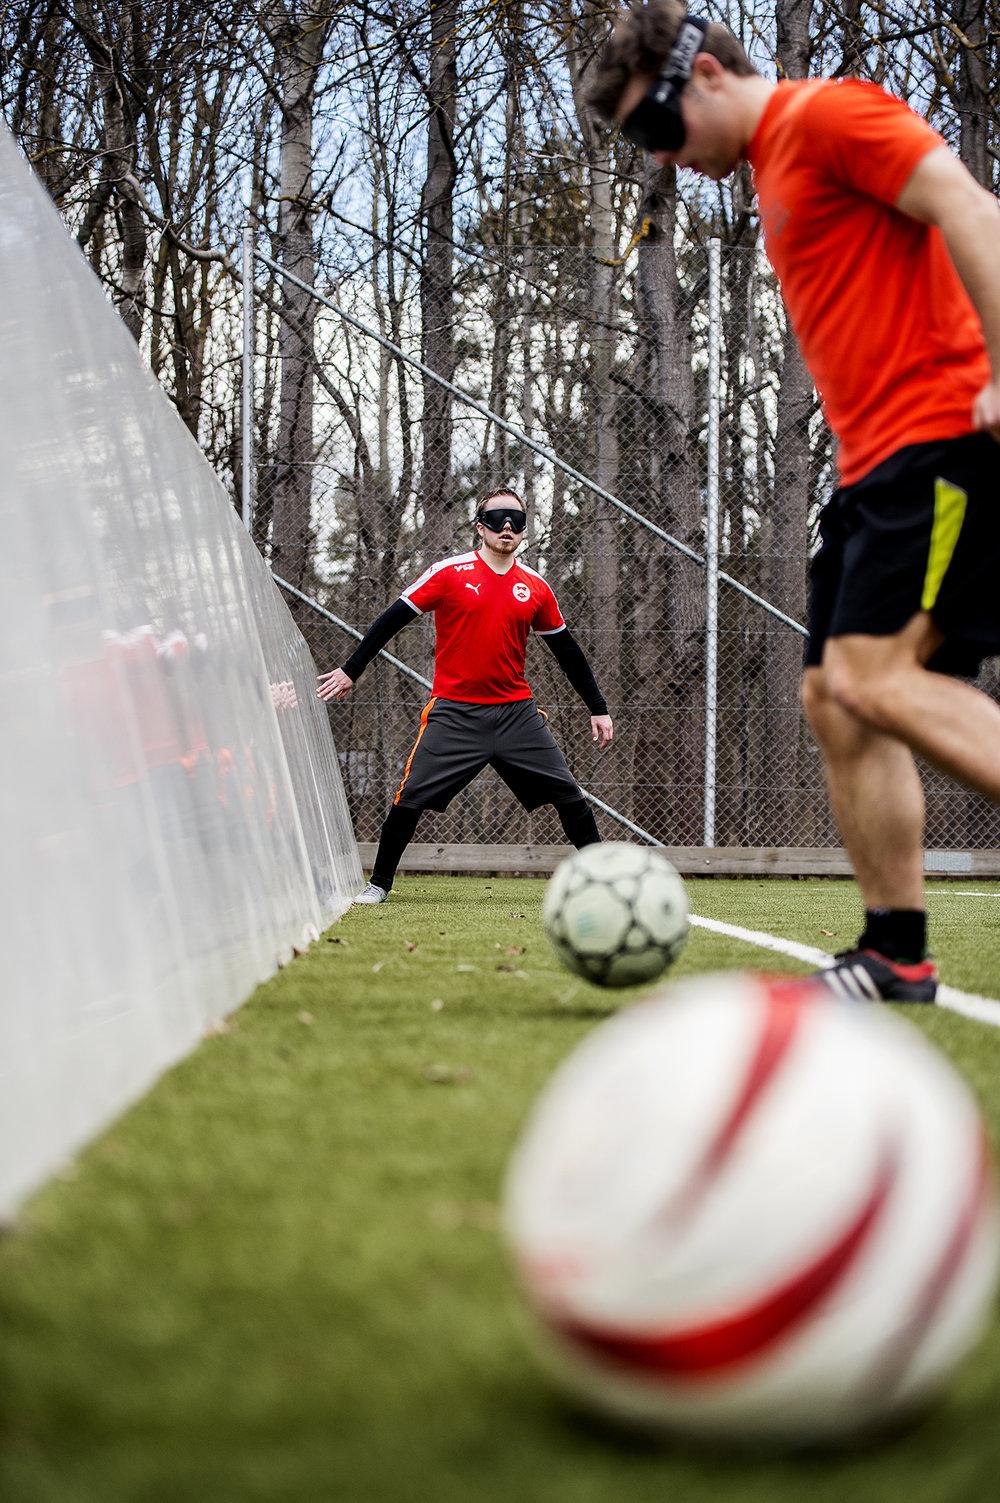 Fick i uppdrag: Ta en bild på blindfotboll som funkar på en helsida.